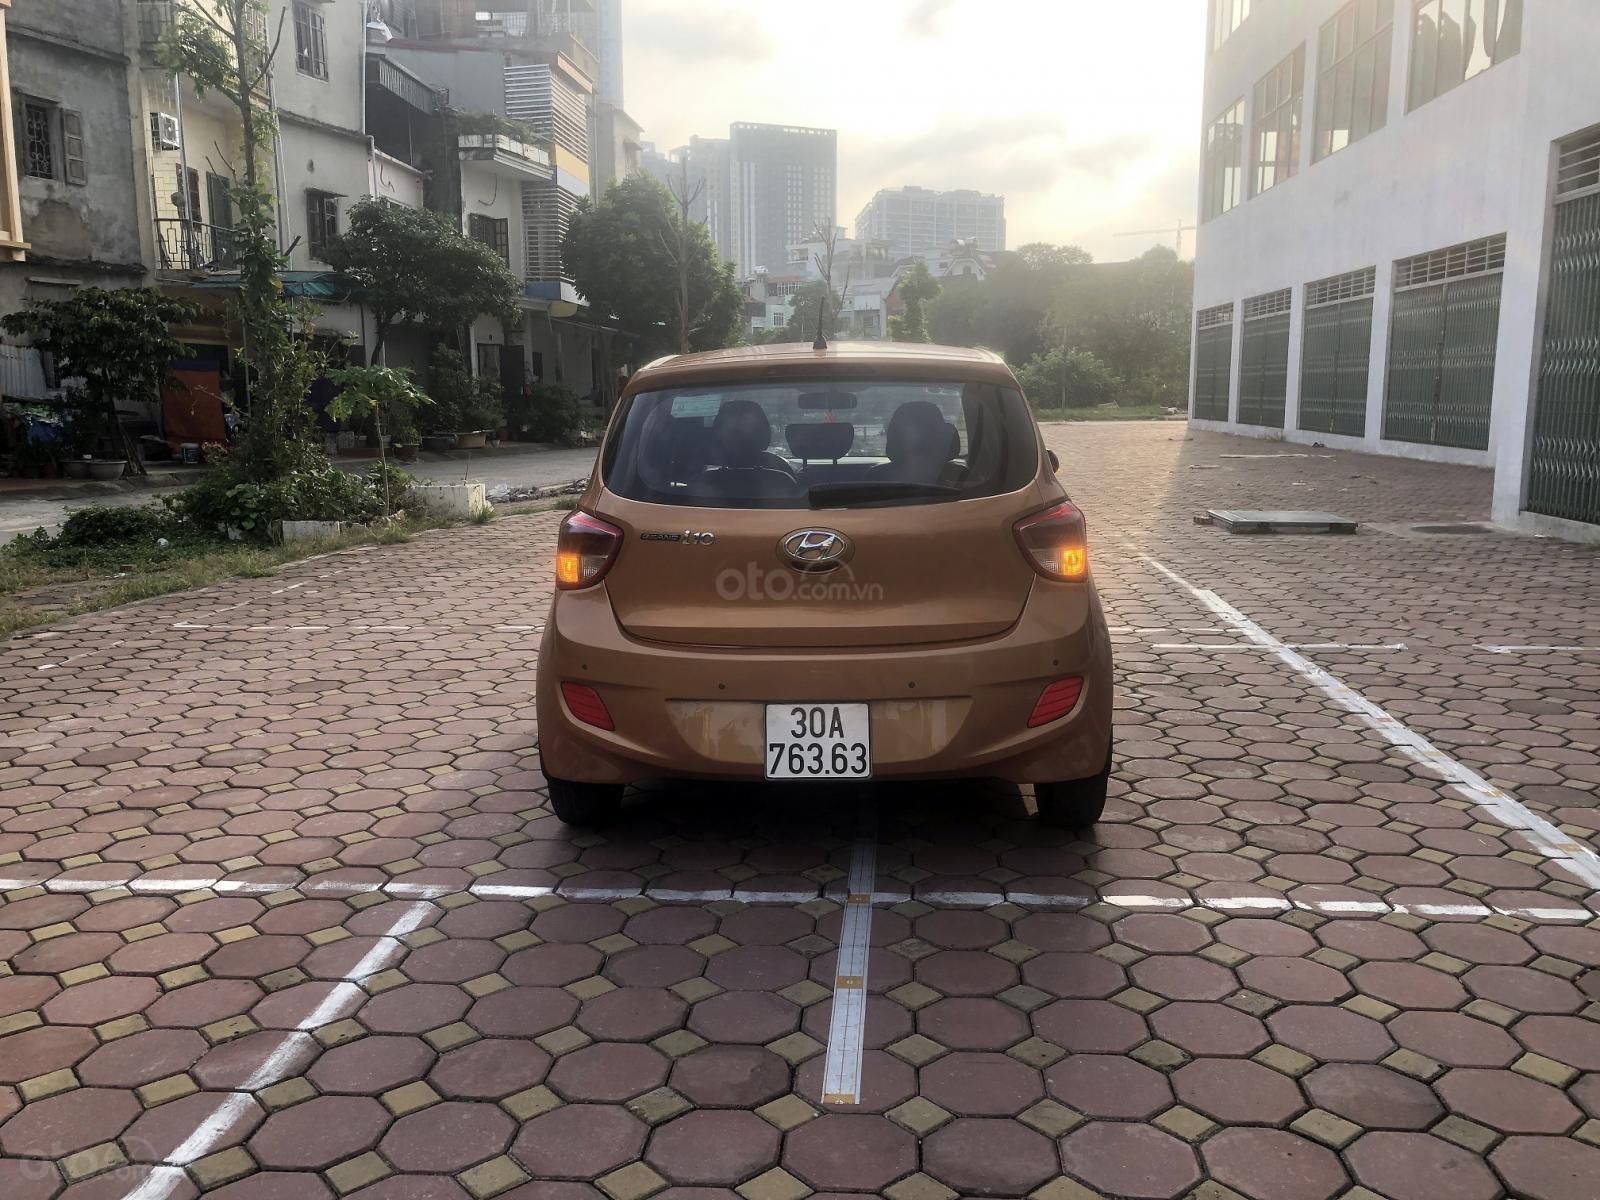 Bán xe Hyundai Grand i10 1.0 AT năm sản xuất 2015, màu cam, xe nhập Ấn Độ (4)